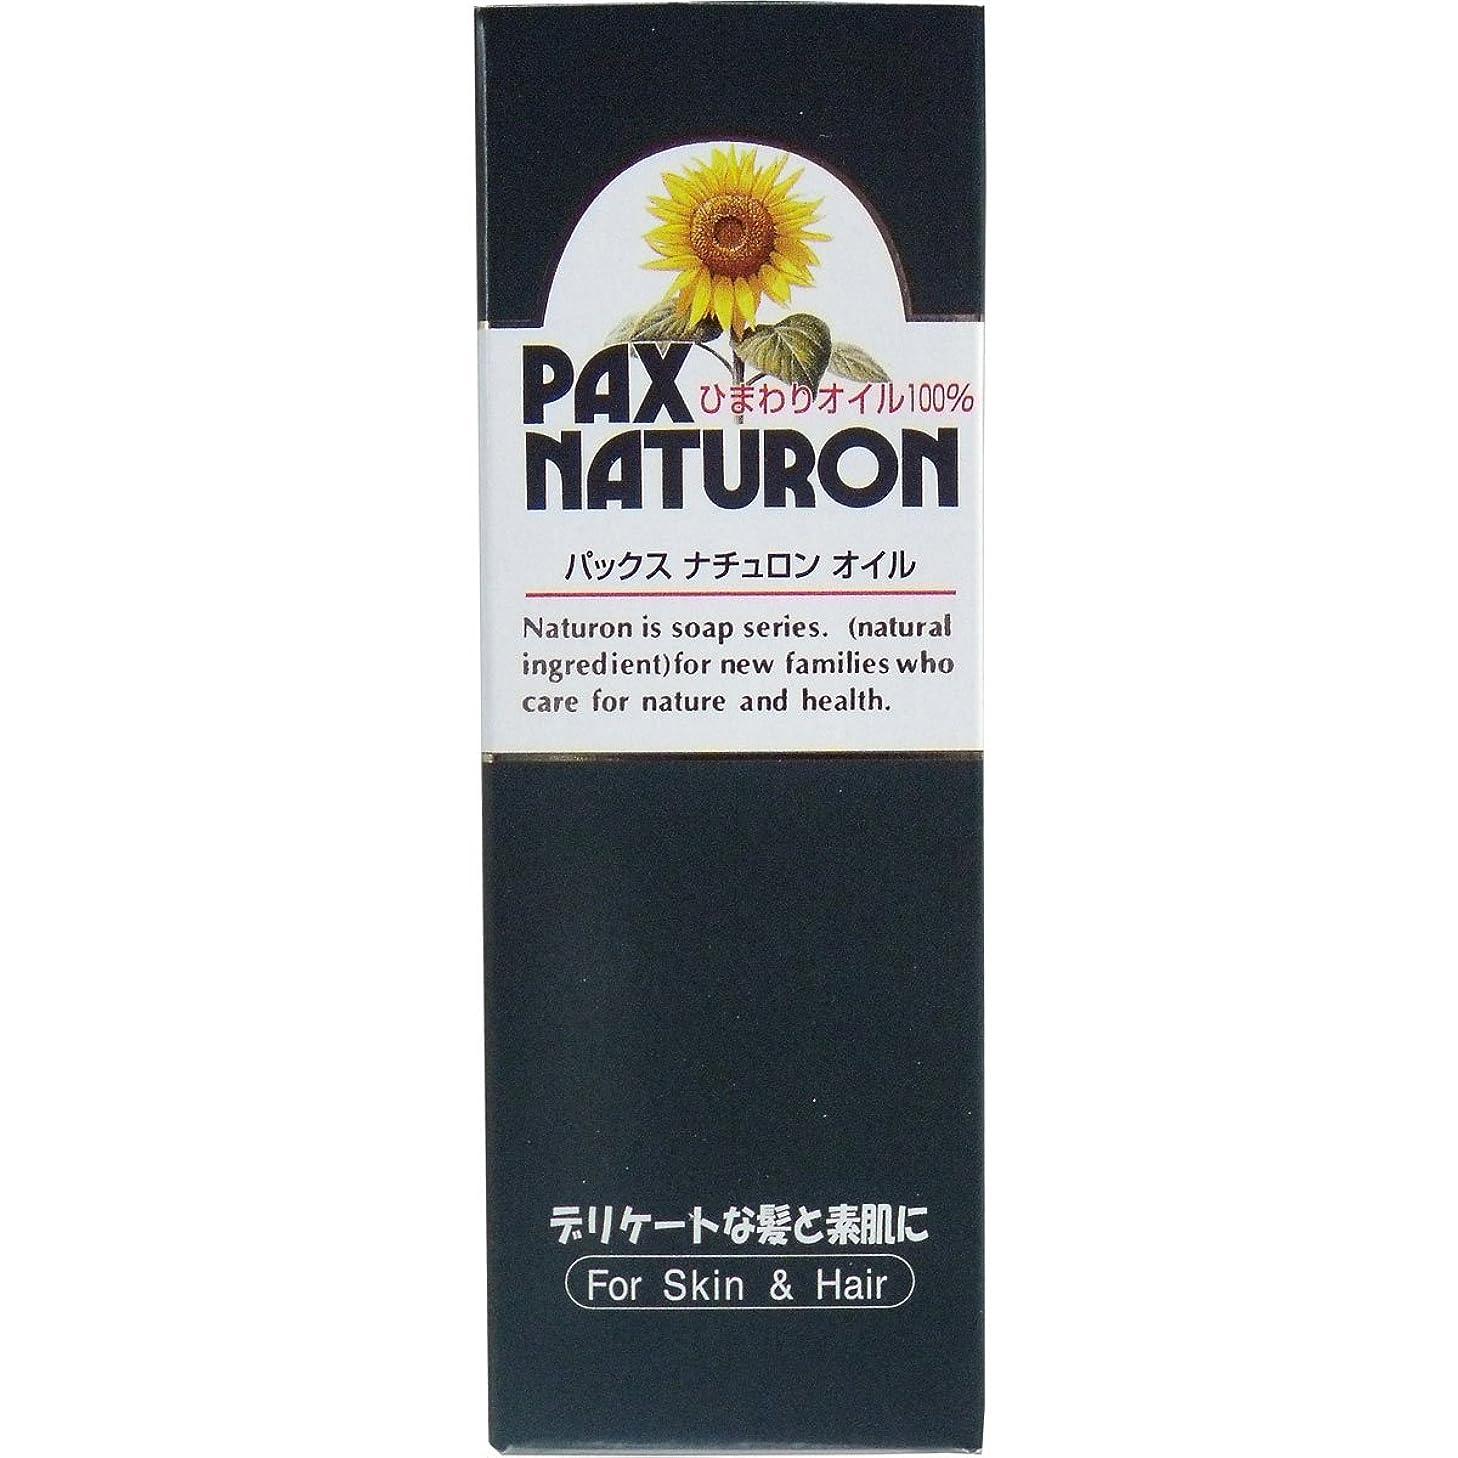 マニフェスト足音極めて重要なパックスナチュロン オイル (ひまわりオイル100%) 60mL 太陽油脂